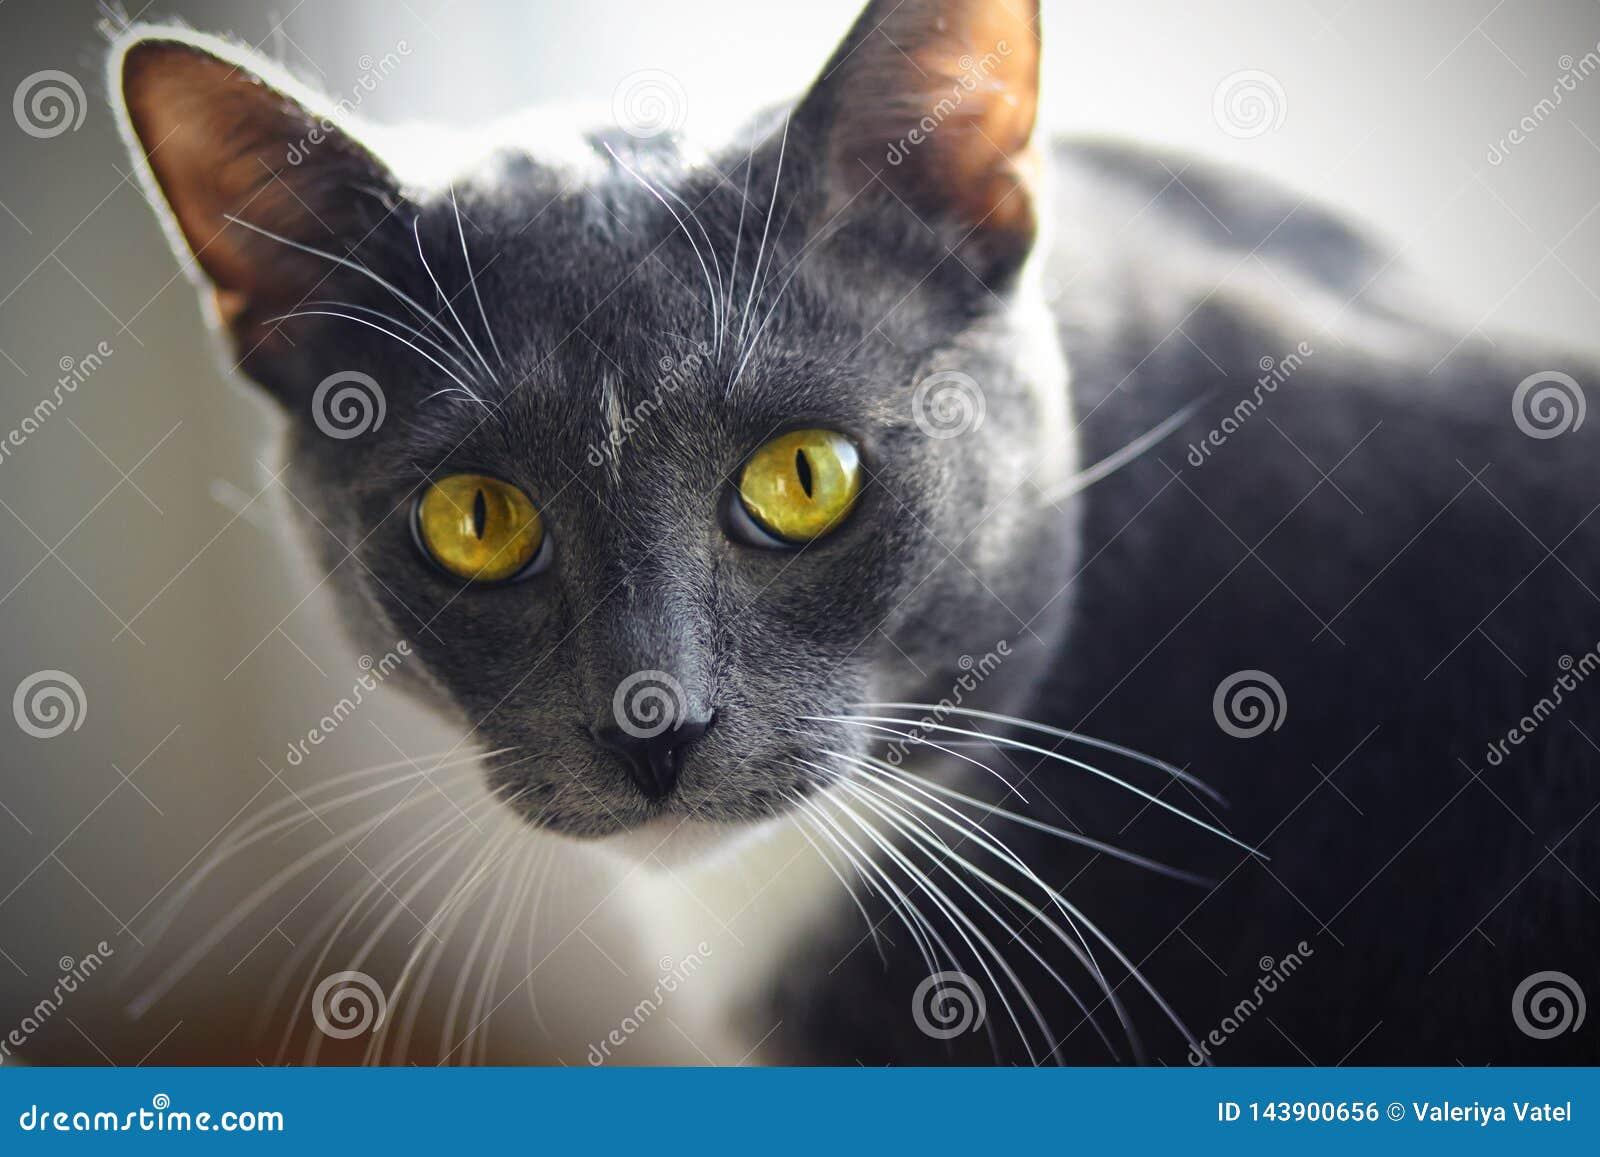 Μια όμορφη εγχώρια γάτα του γκρίζου χρώματος με ένα άσπρο σημείο στο μέτωπο